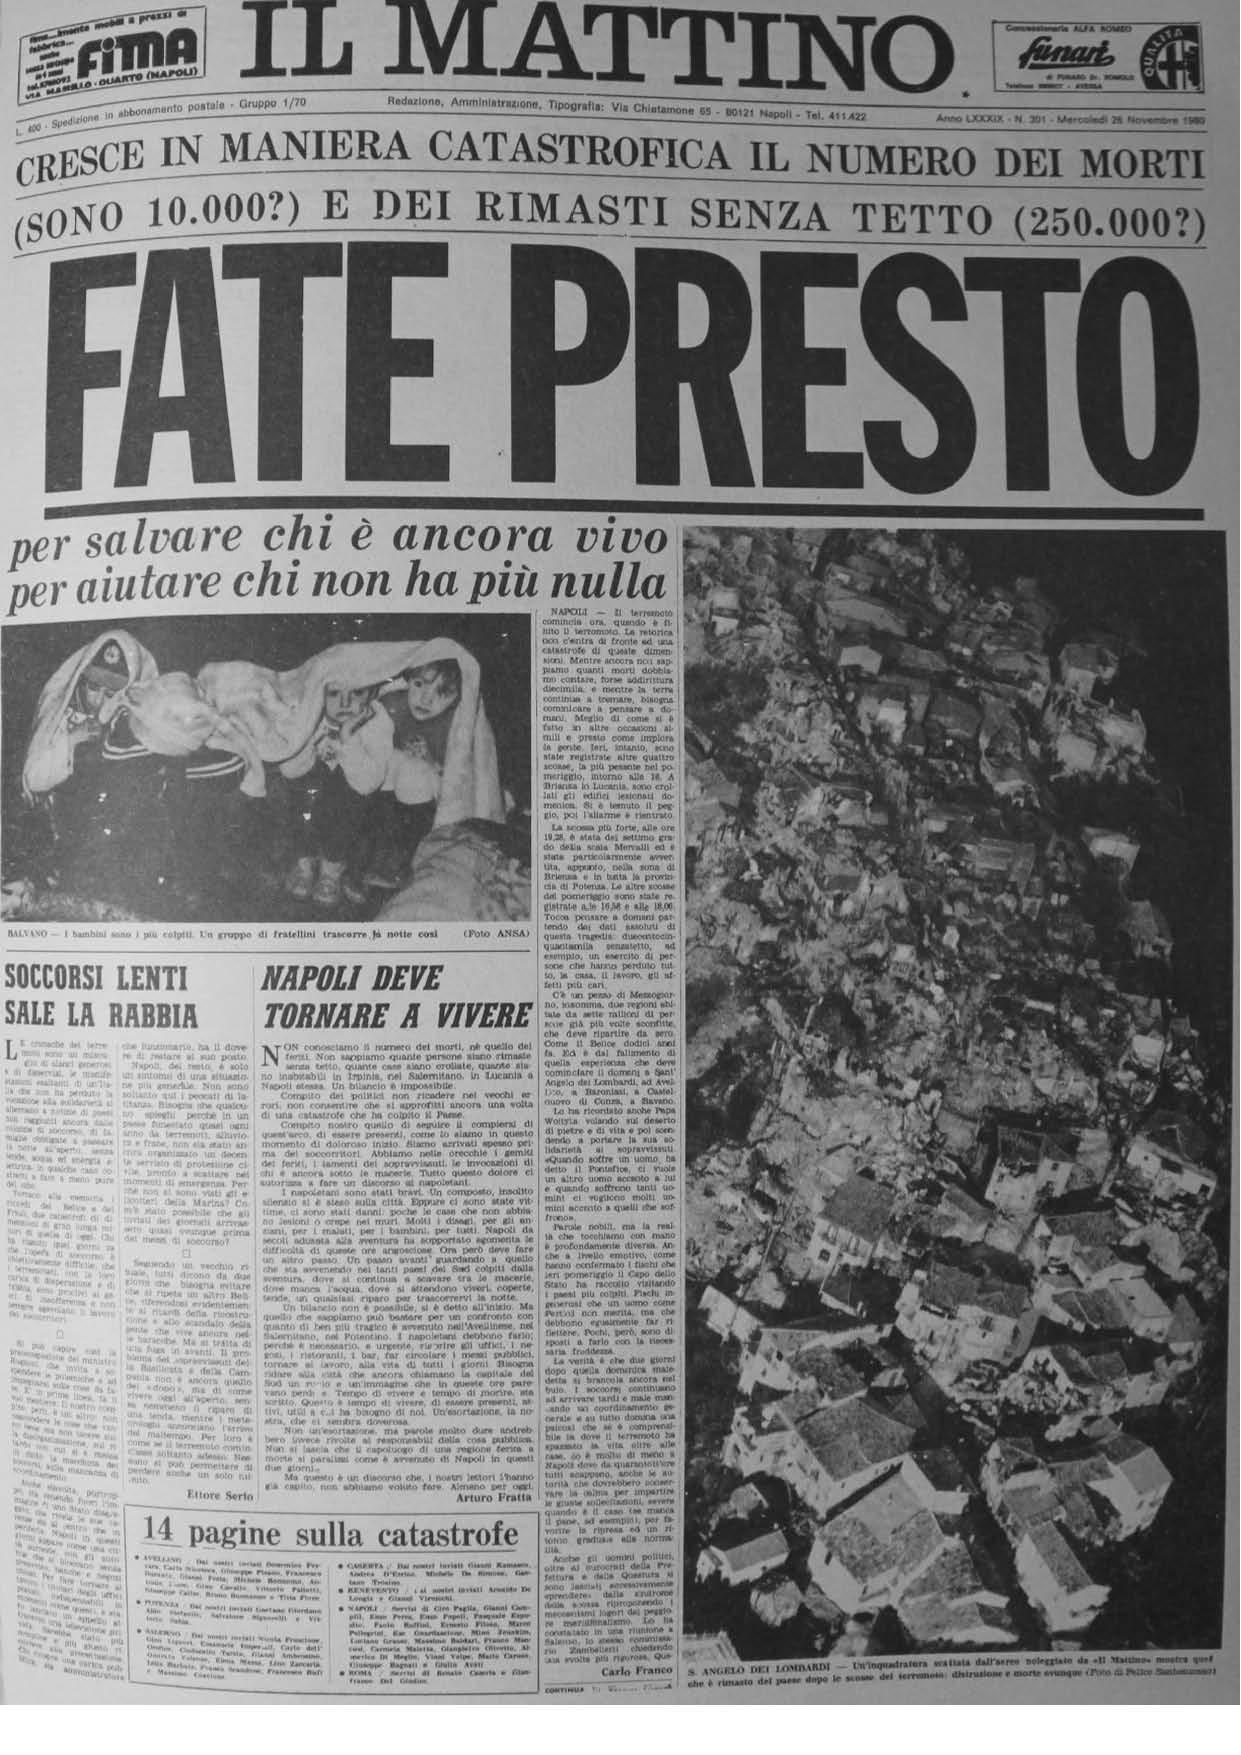 Il Mattino, 26.11.1980